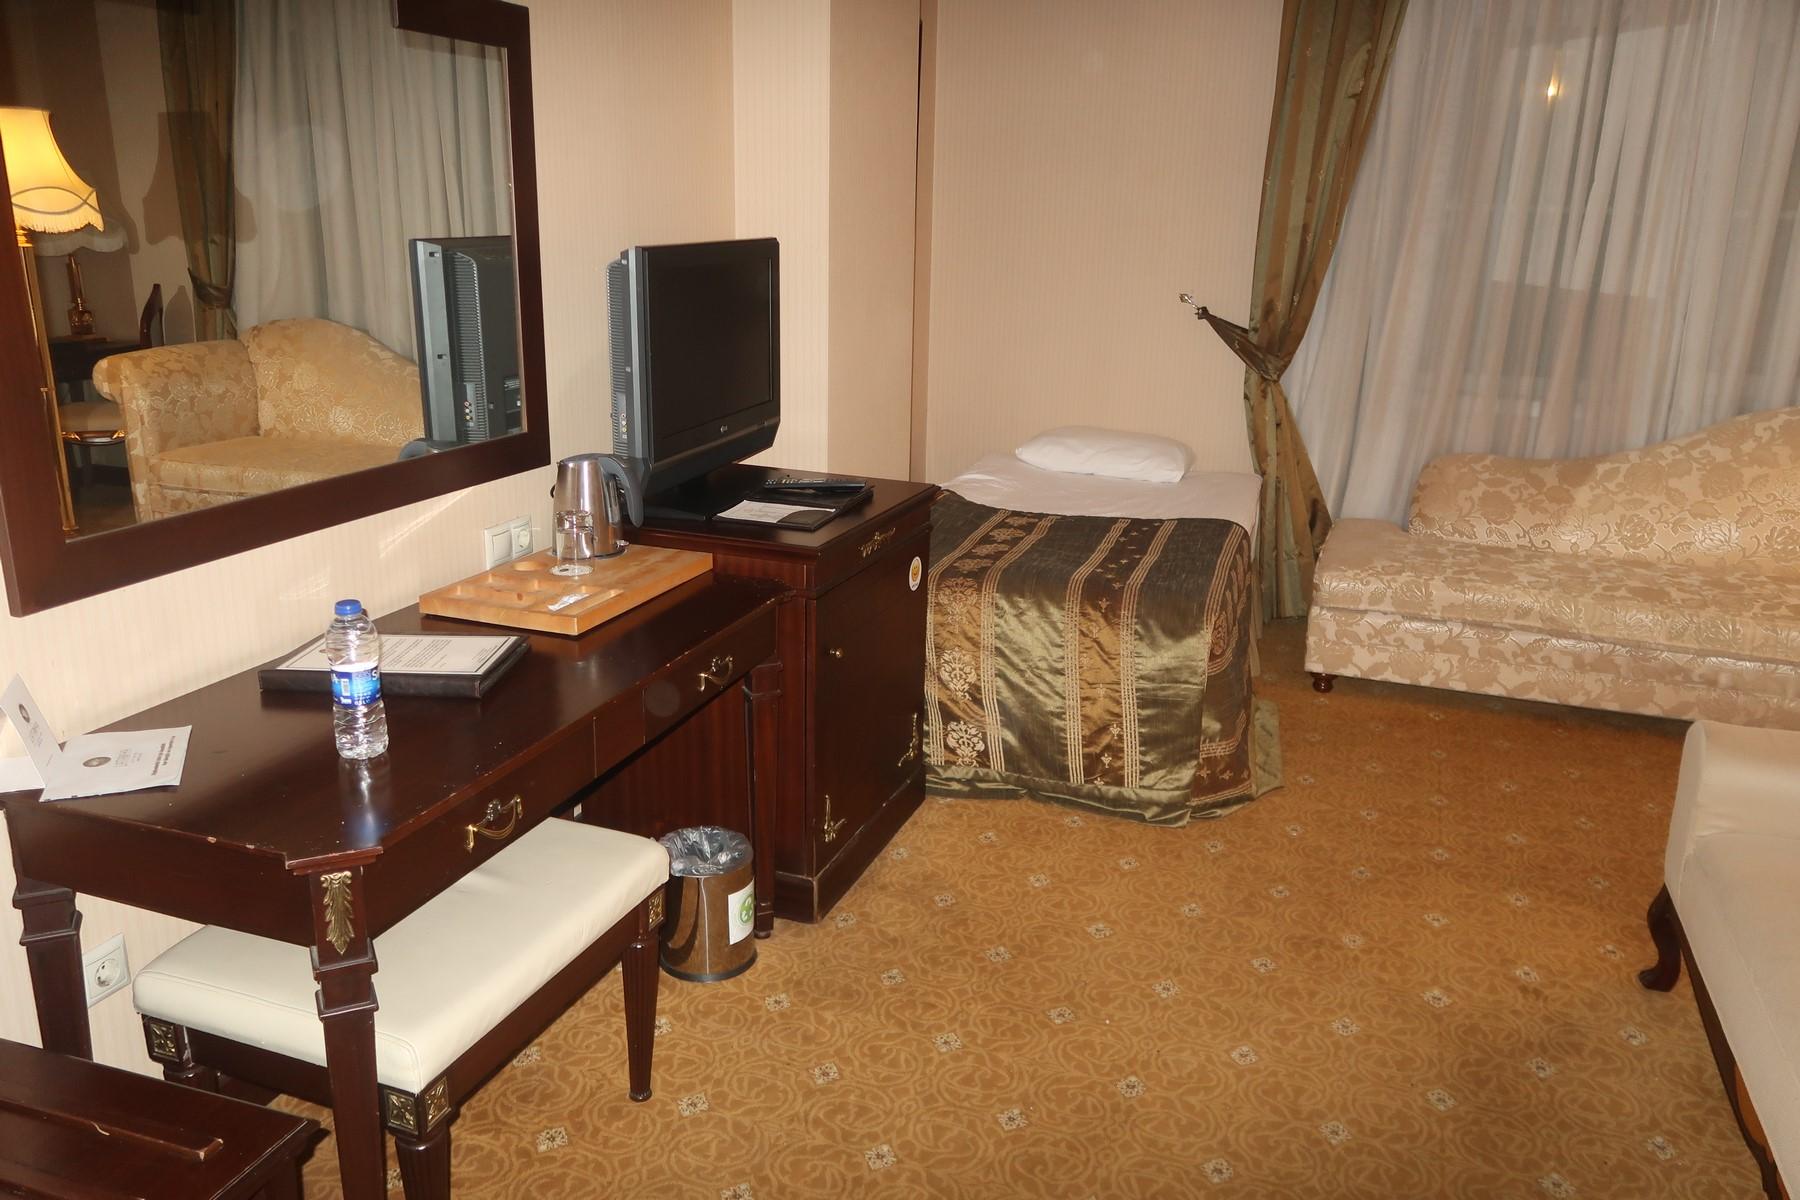 hotel med jacuzzi på værelset paww thai massage